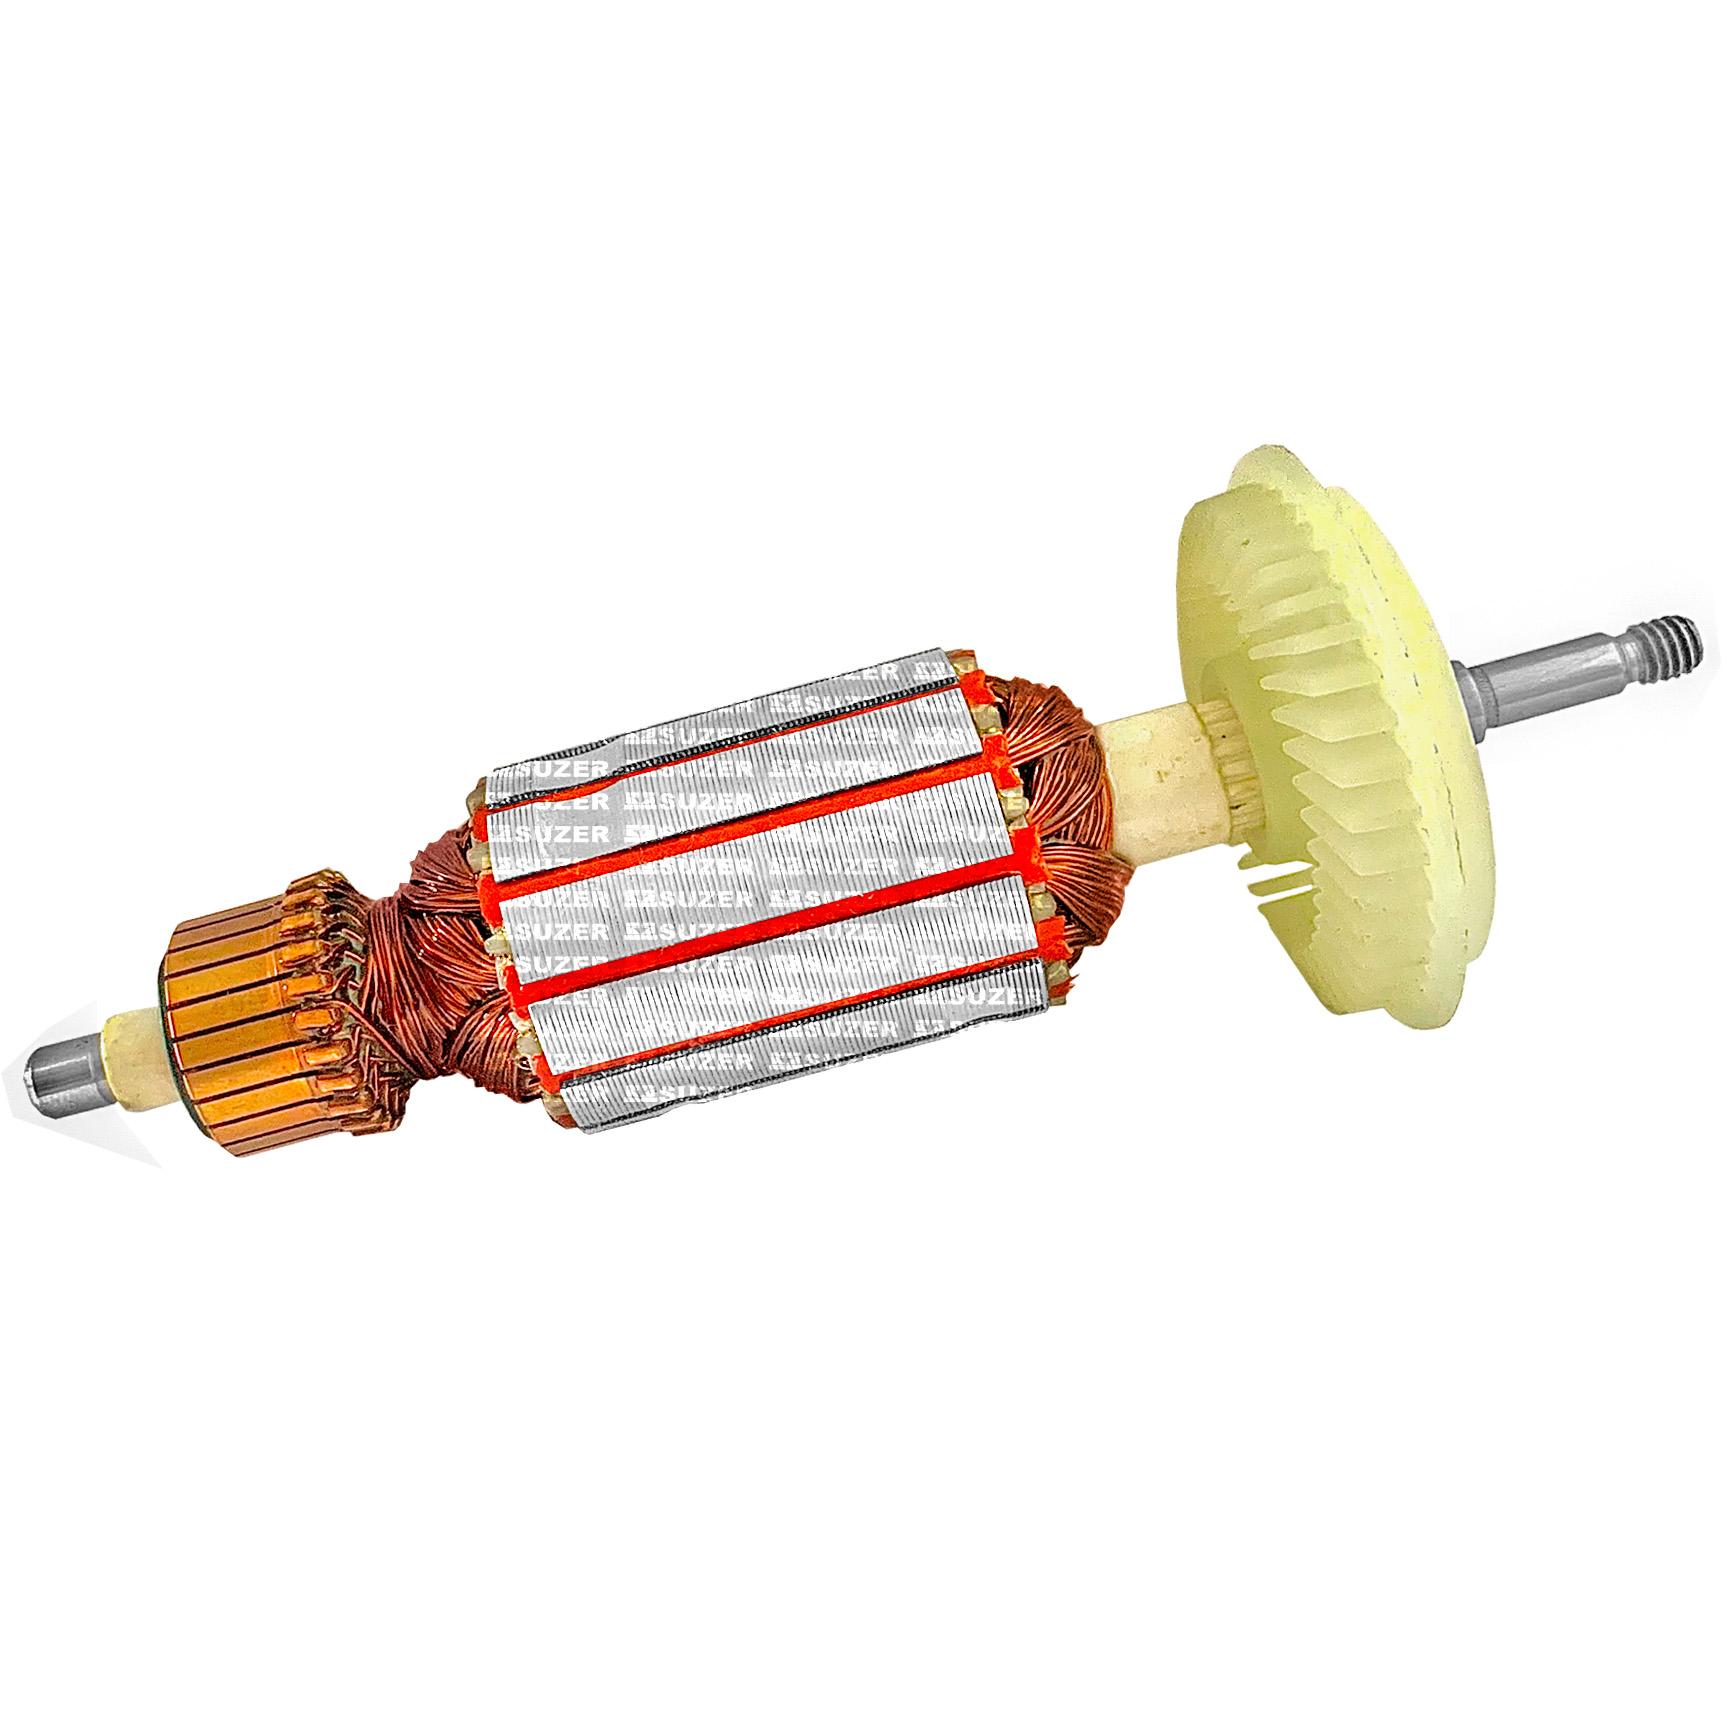 """Induzido (Rotor) para esmerilhadeira bosch 1375 Gws 6-115 4 1/2"""" 155mm"""